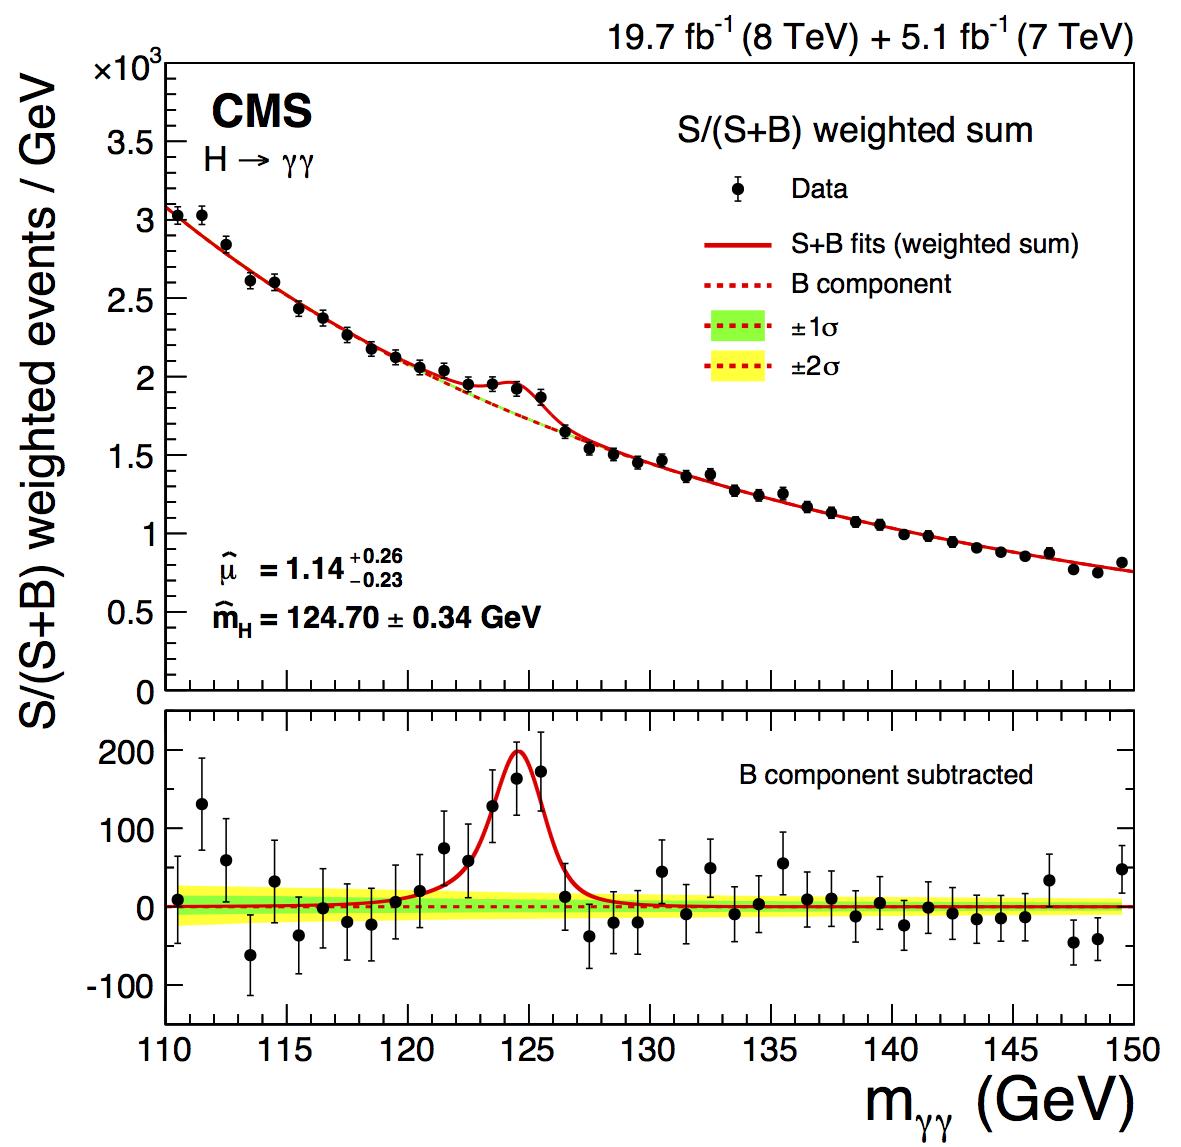 Rysunek 1. Rozkład masy pary fotonów pokazujący nadwyżkę obserwowaną w danych ponad oczekiwane tło (górny panel) oraz rozkład masy pary fotonów dla danych z odjętym tłem (dolny panel).